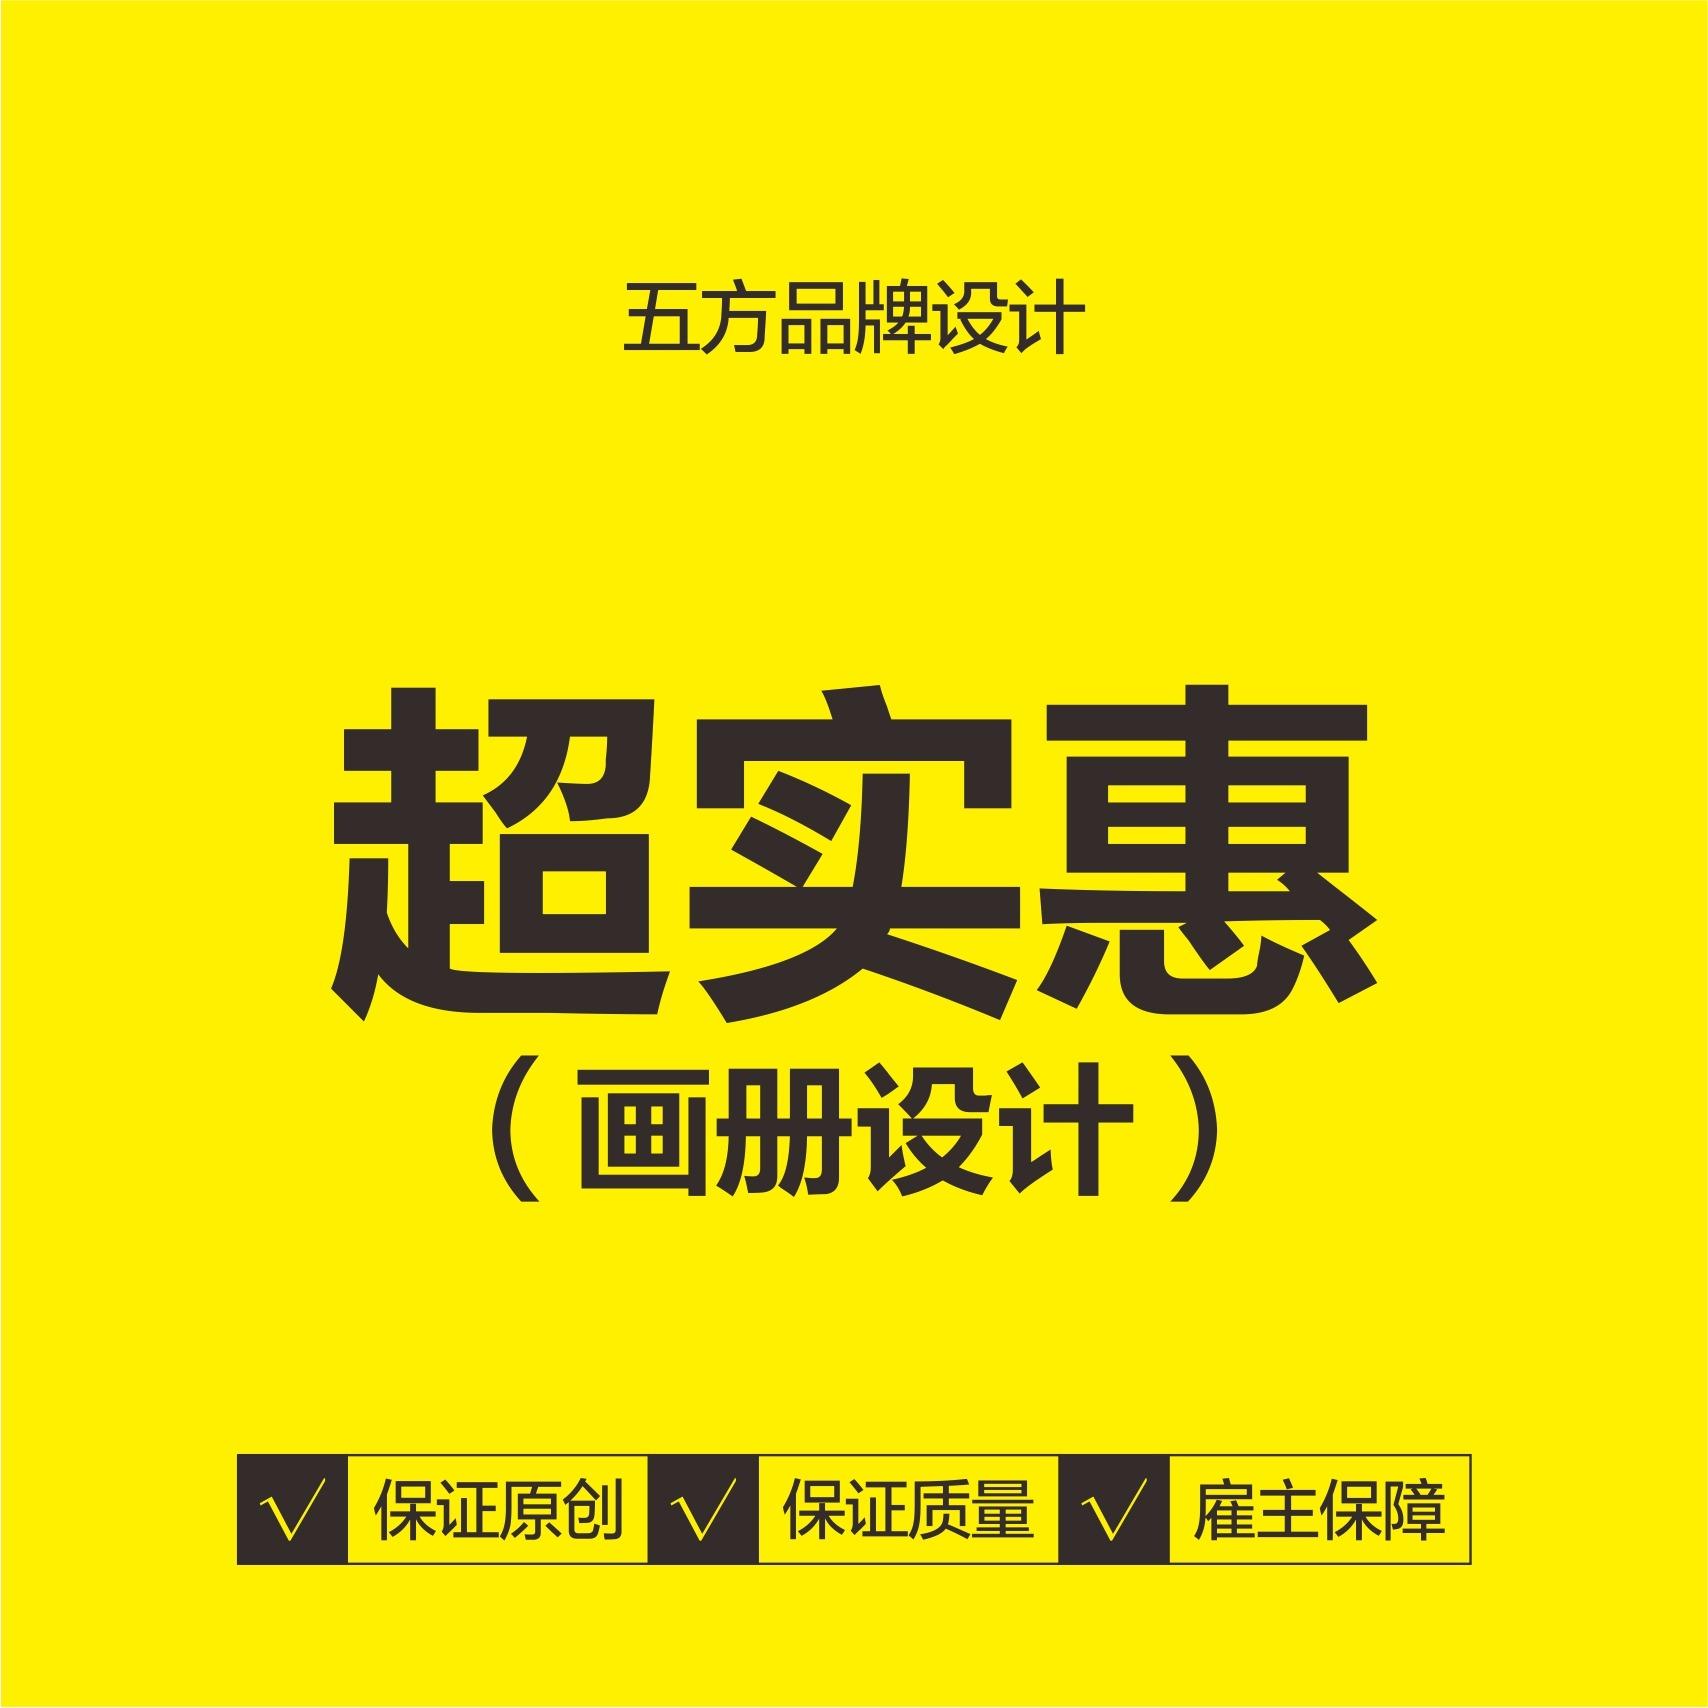 画册 设计 |金融画册 设计 |保险画册 设计 ,超实惠画册 设计